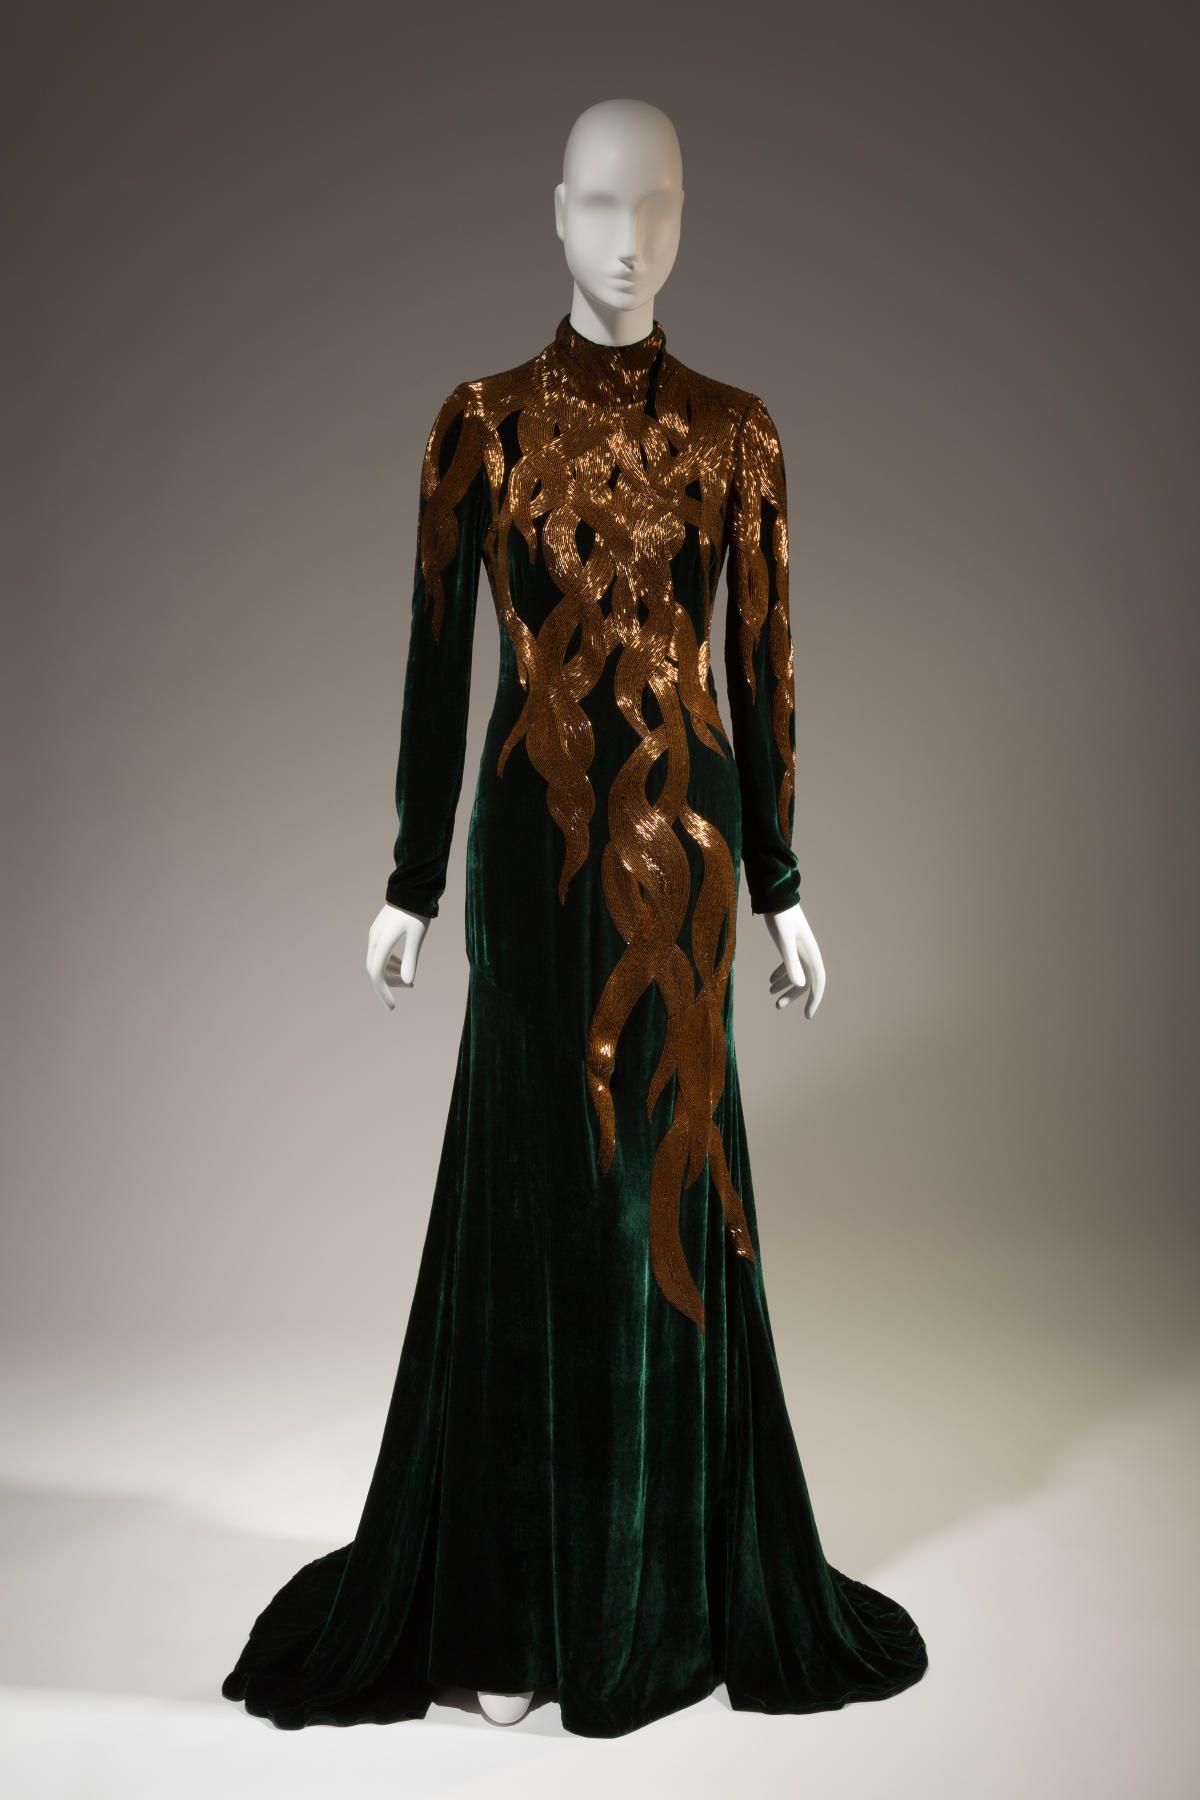 """""""Rapunzel"""": Alexander McQueen, dress, fall 2007, England. Photo: The Museum at FIT."""